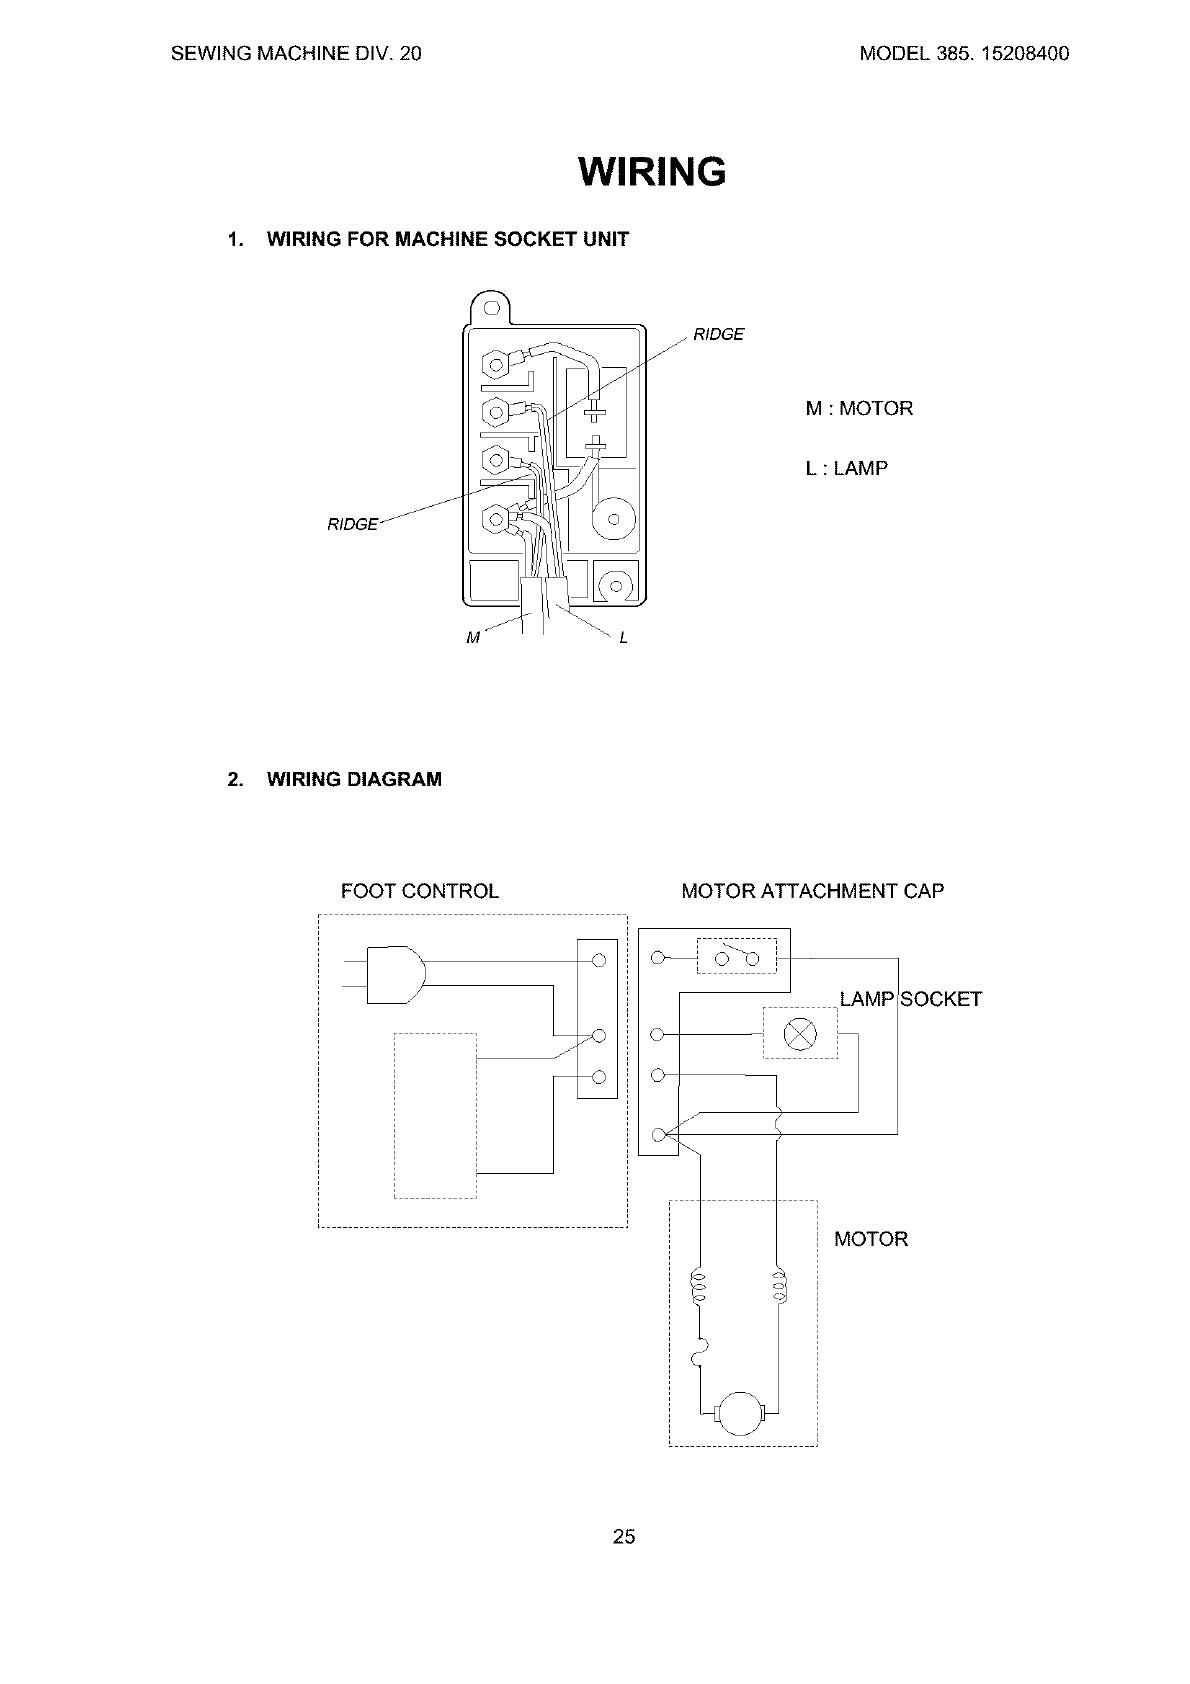 Kenmore 38515208400 User Manual Sewing